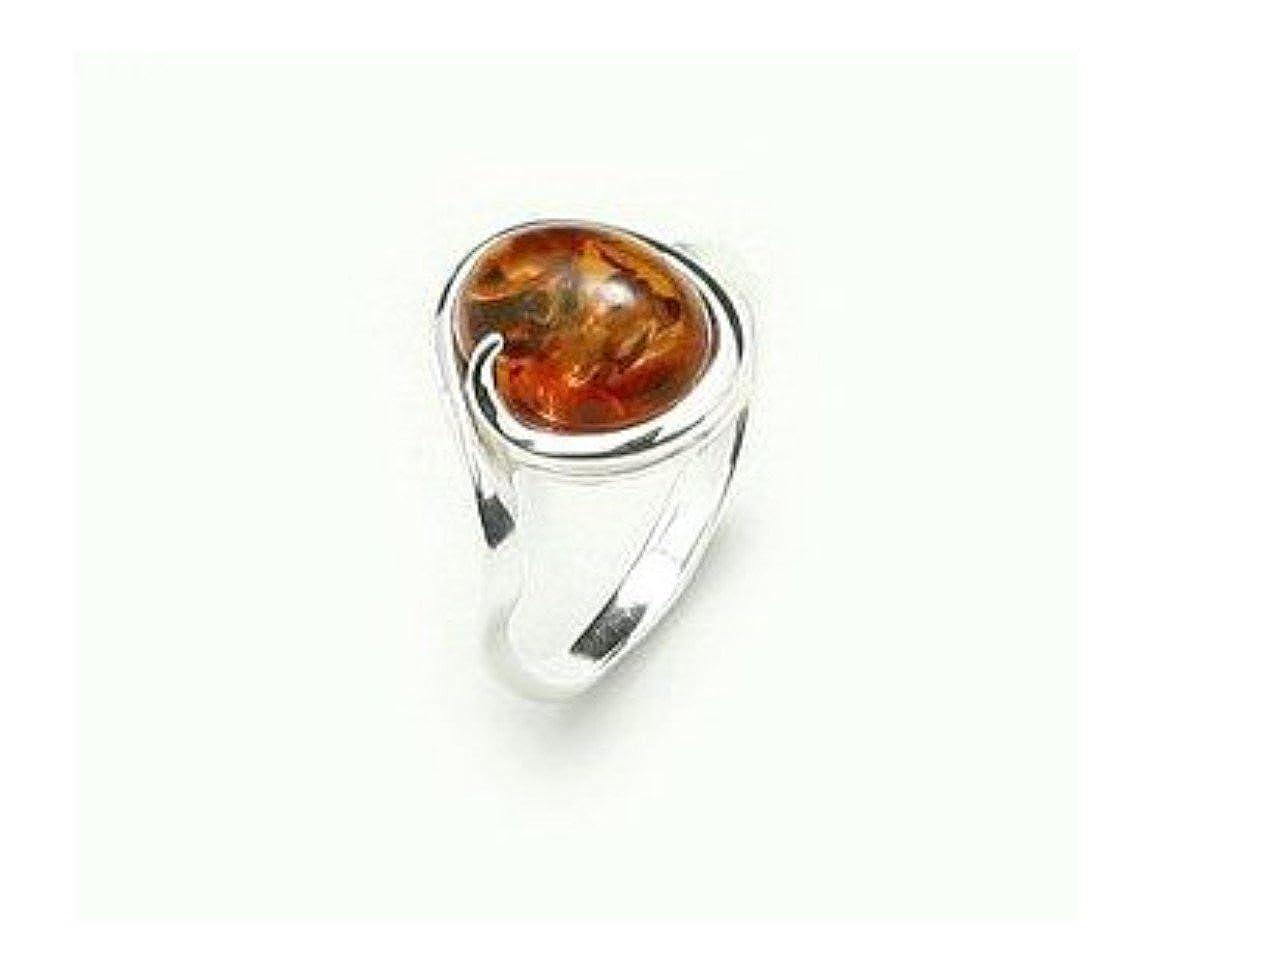 Geniune Anello in argento Sterling e Ambra Baltica 11 cod. RING-1400 AmberSilver925 RING-140074